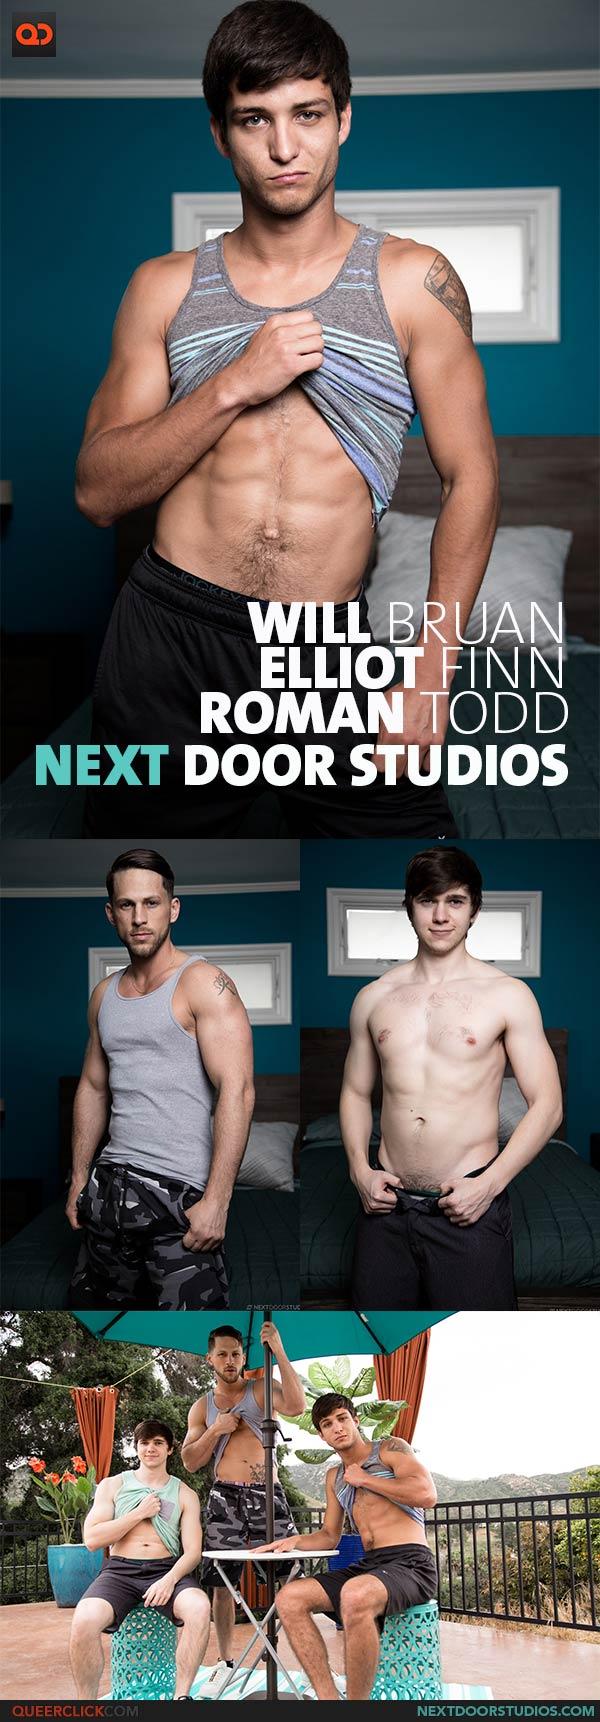 Next Door Studios:  Roman Todd, Elliot Finn and Will Braun